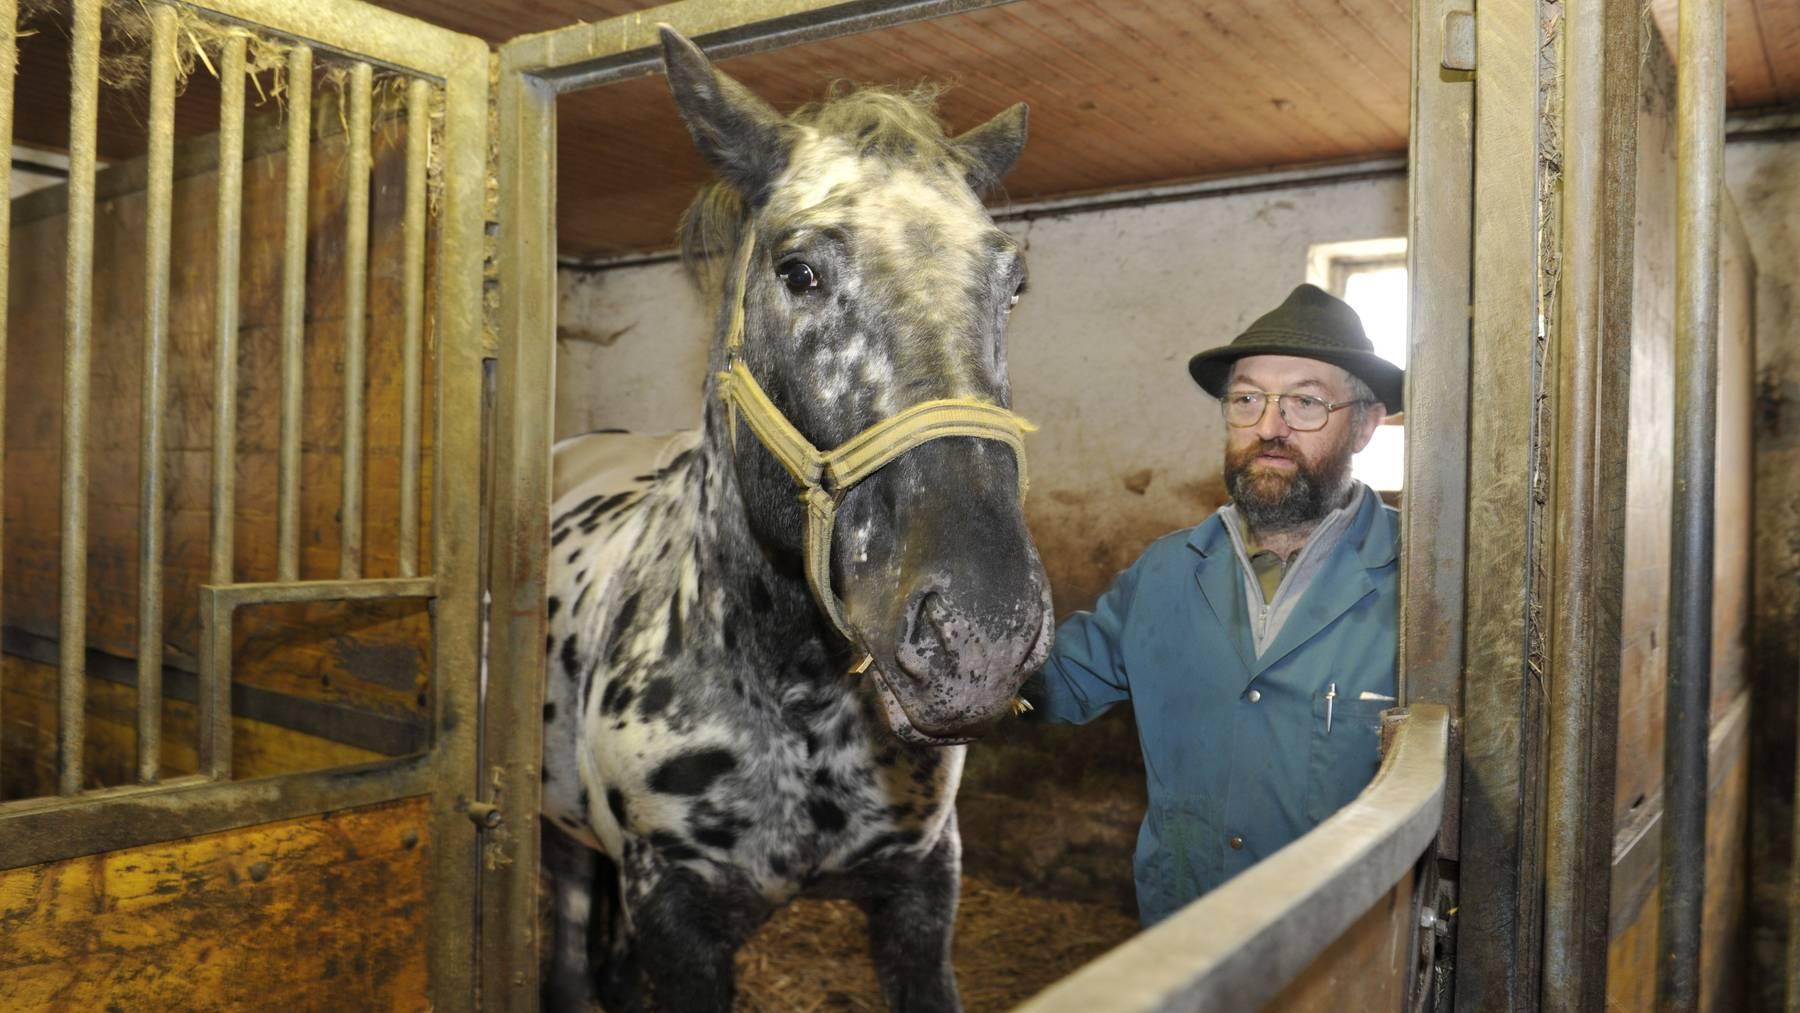 Der Thurgauer Pferdehändler wurde 2009 und 2011 zwei Mal wegen Tierquälerei und anderer Delikte rechtskräftig verurteilt.